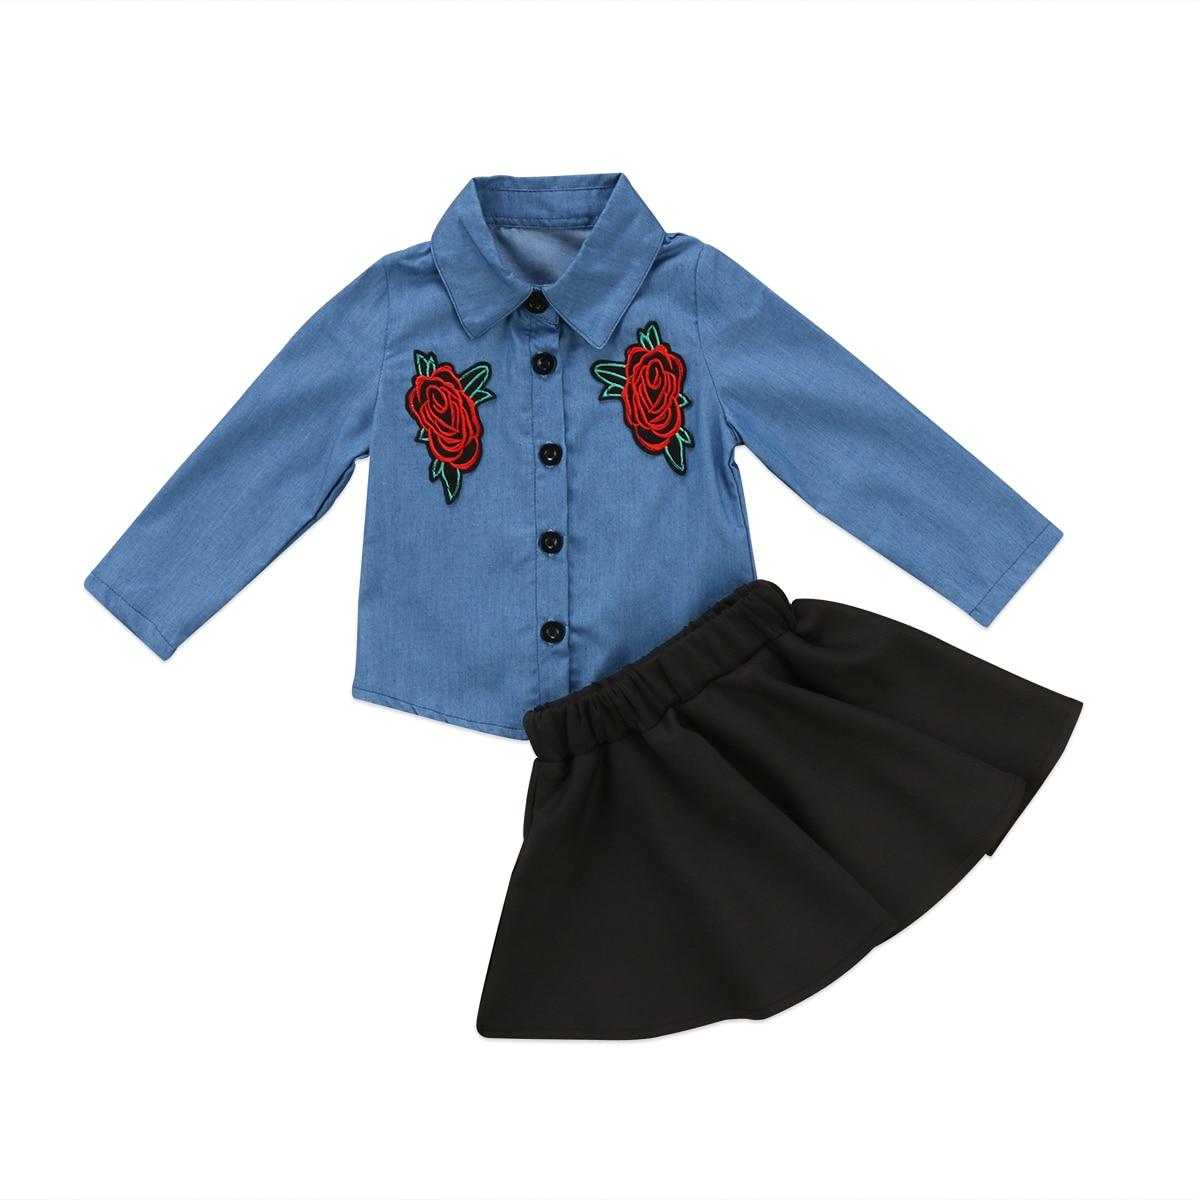 Los niños de las muchachas del bebé bordado negro Tutu faldas trajes de ropa de verano de manga larga conjuntos de ropa para niños